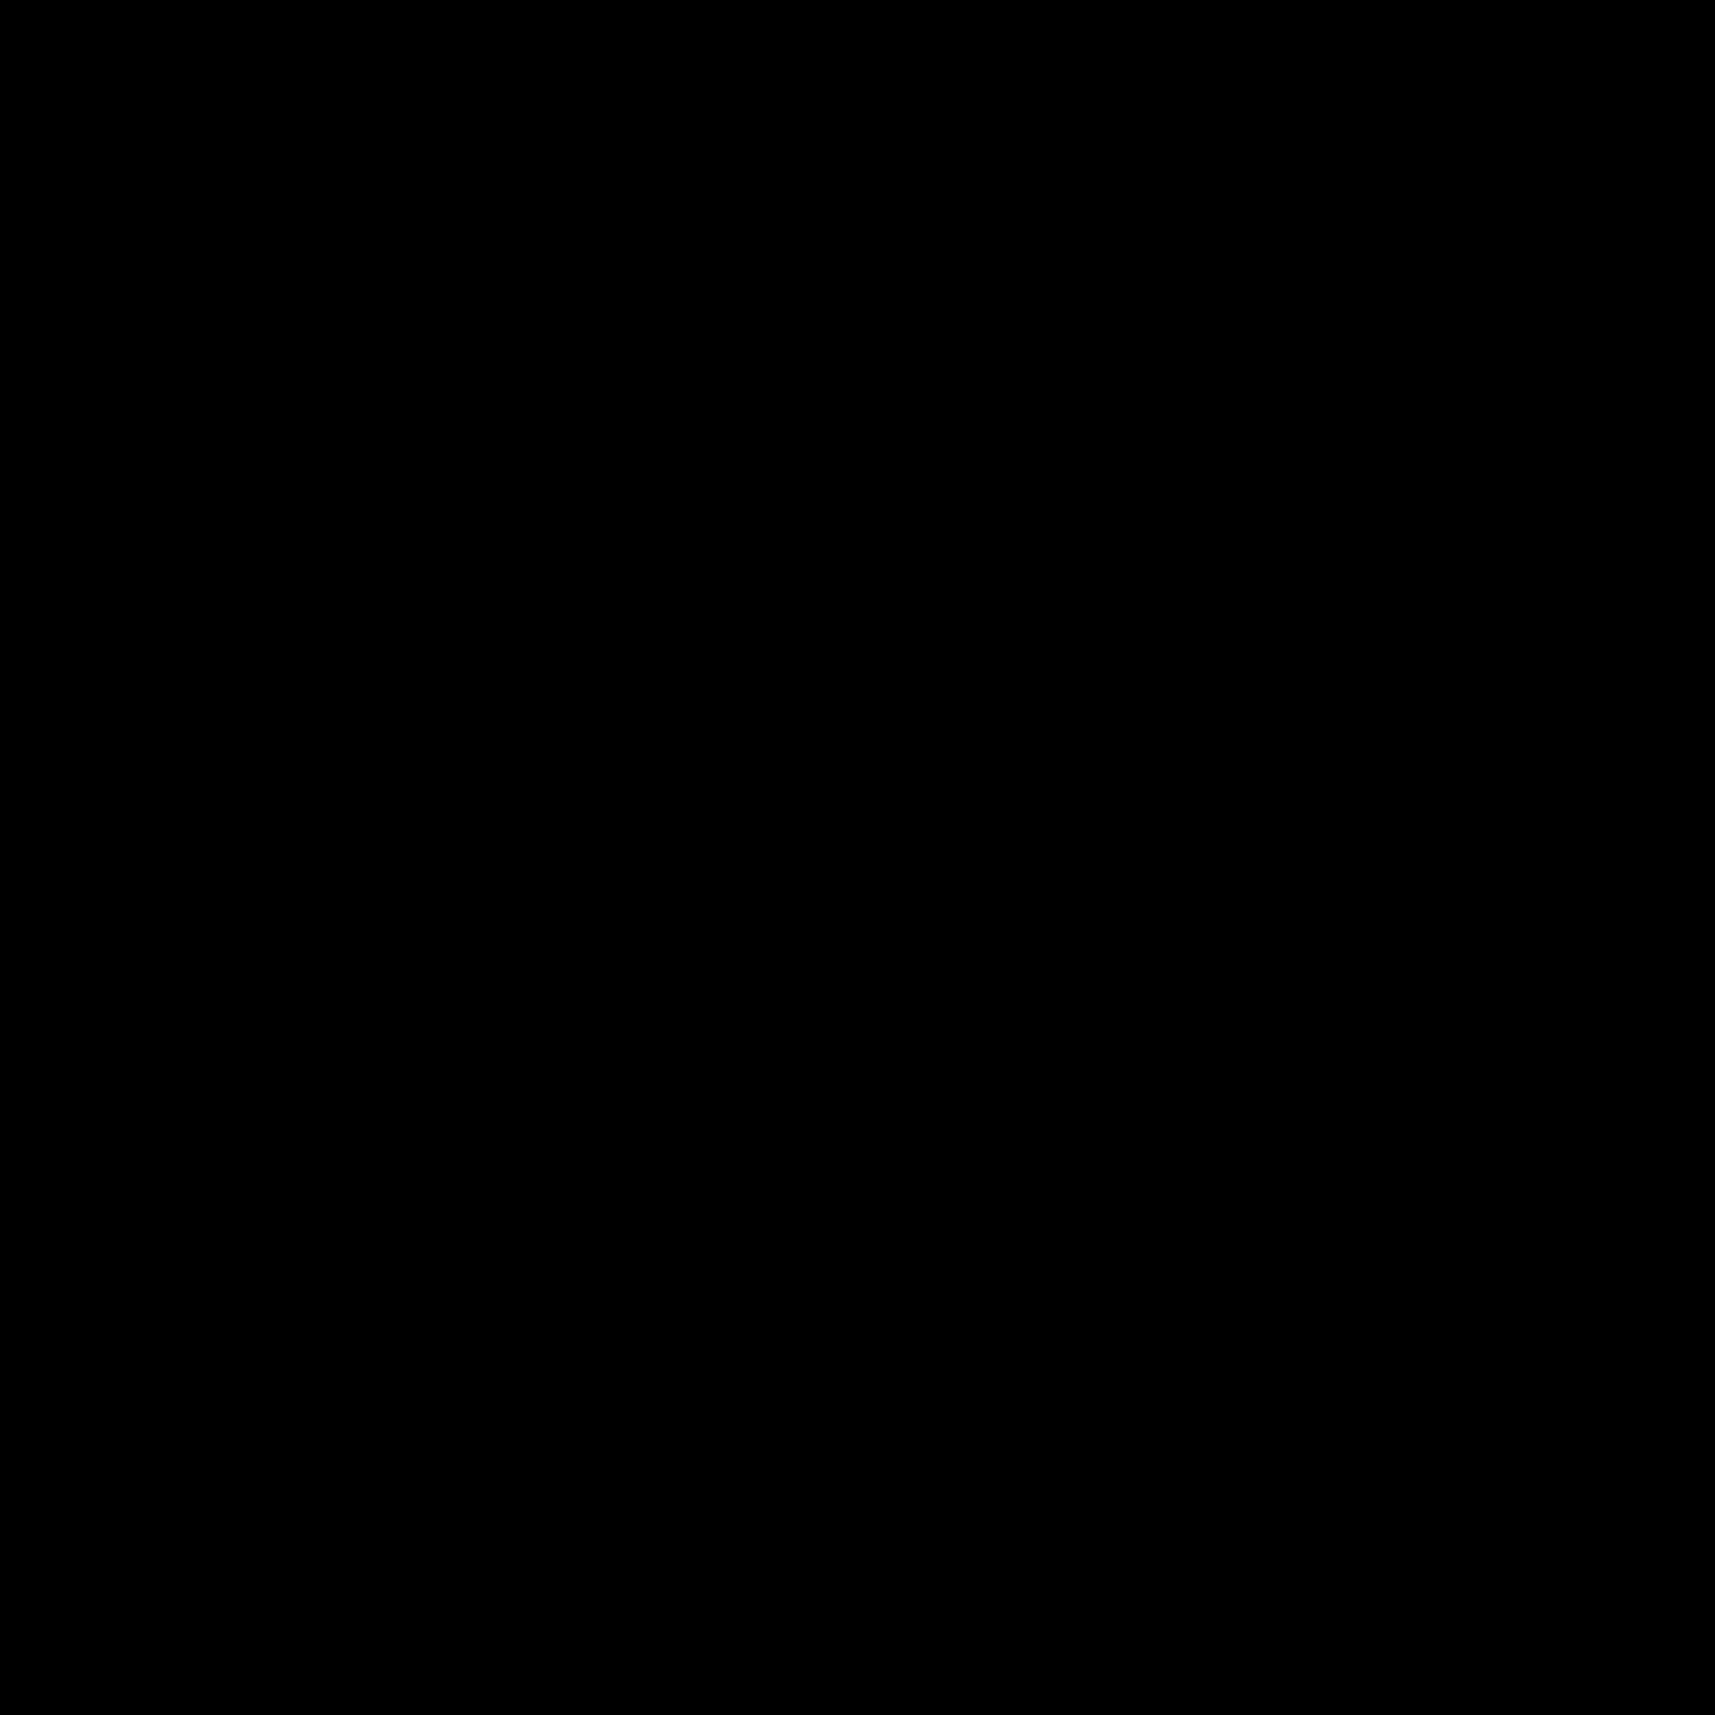 Couchtisch im gustavianischen Stil